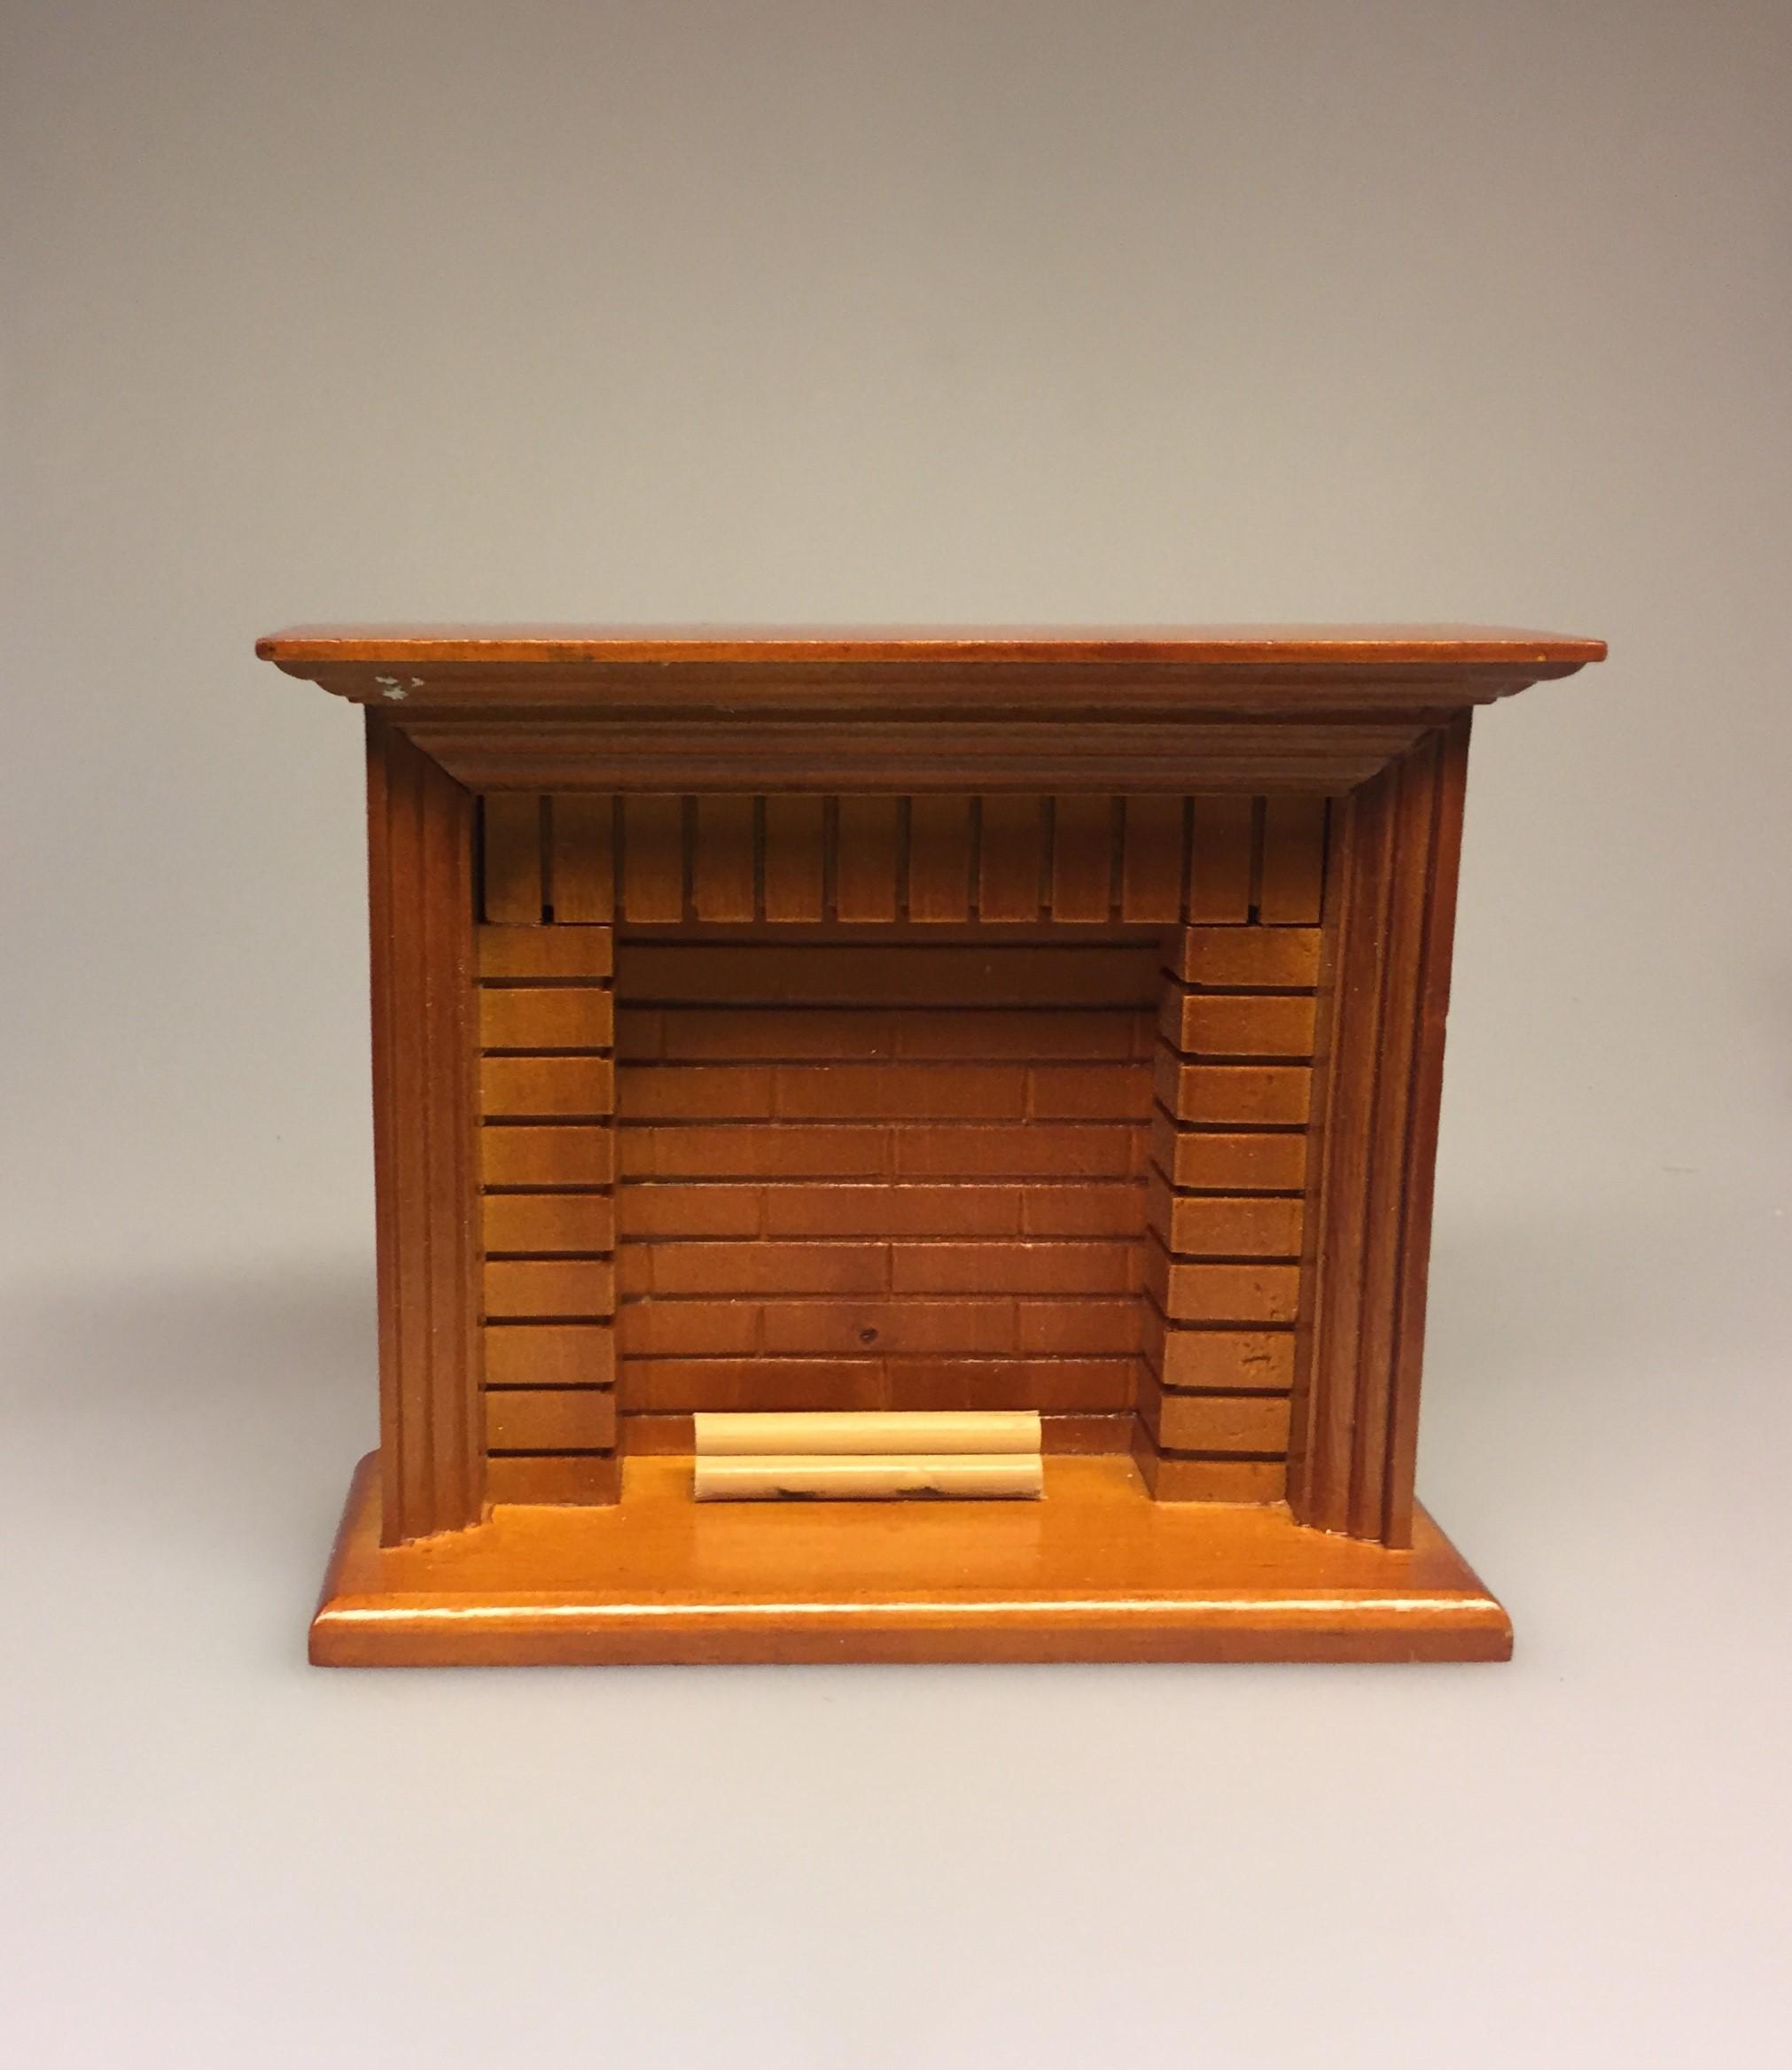 Miniature Kamin lys træ, miniature, miniaturer, dukkehus, dukkehusting, dukkehustilbehør, ting til dukkehuset, 1:12, kamin, kaminhylde, op på kaminhylden, og glimmer på, hella joof, pejs, åben pejs, ildsted, kakkelovn, brændeovn, nissebo, nissedør, santa, chimney, chimny, nissetilbehør, nisseting, ting til nisser,